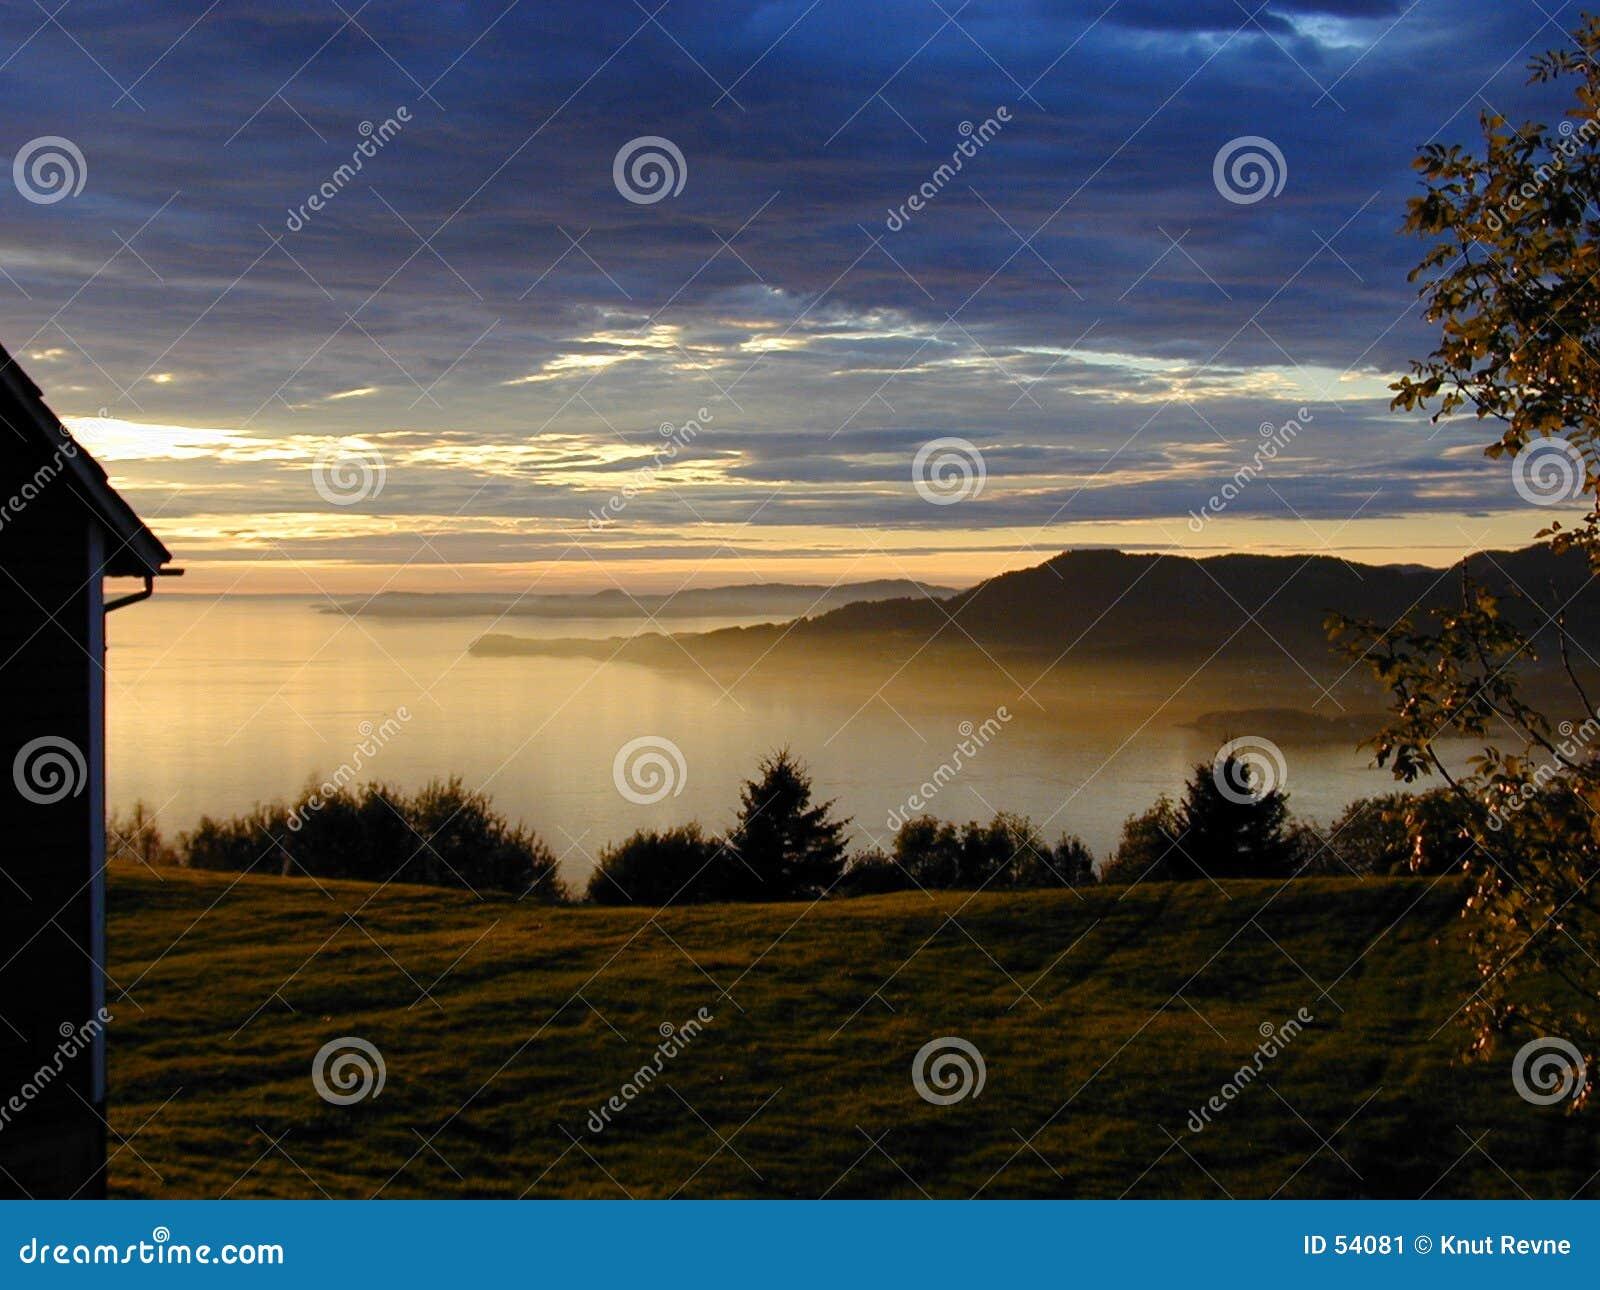 Download Tramonto immagine stock. Immagine di tramonto, collina, piante - 54081